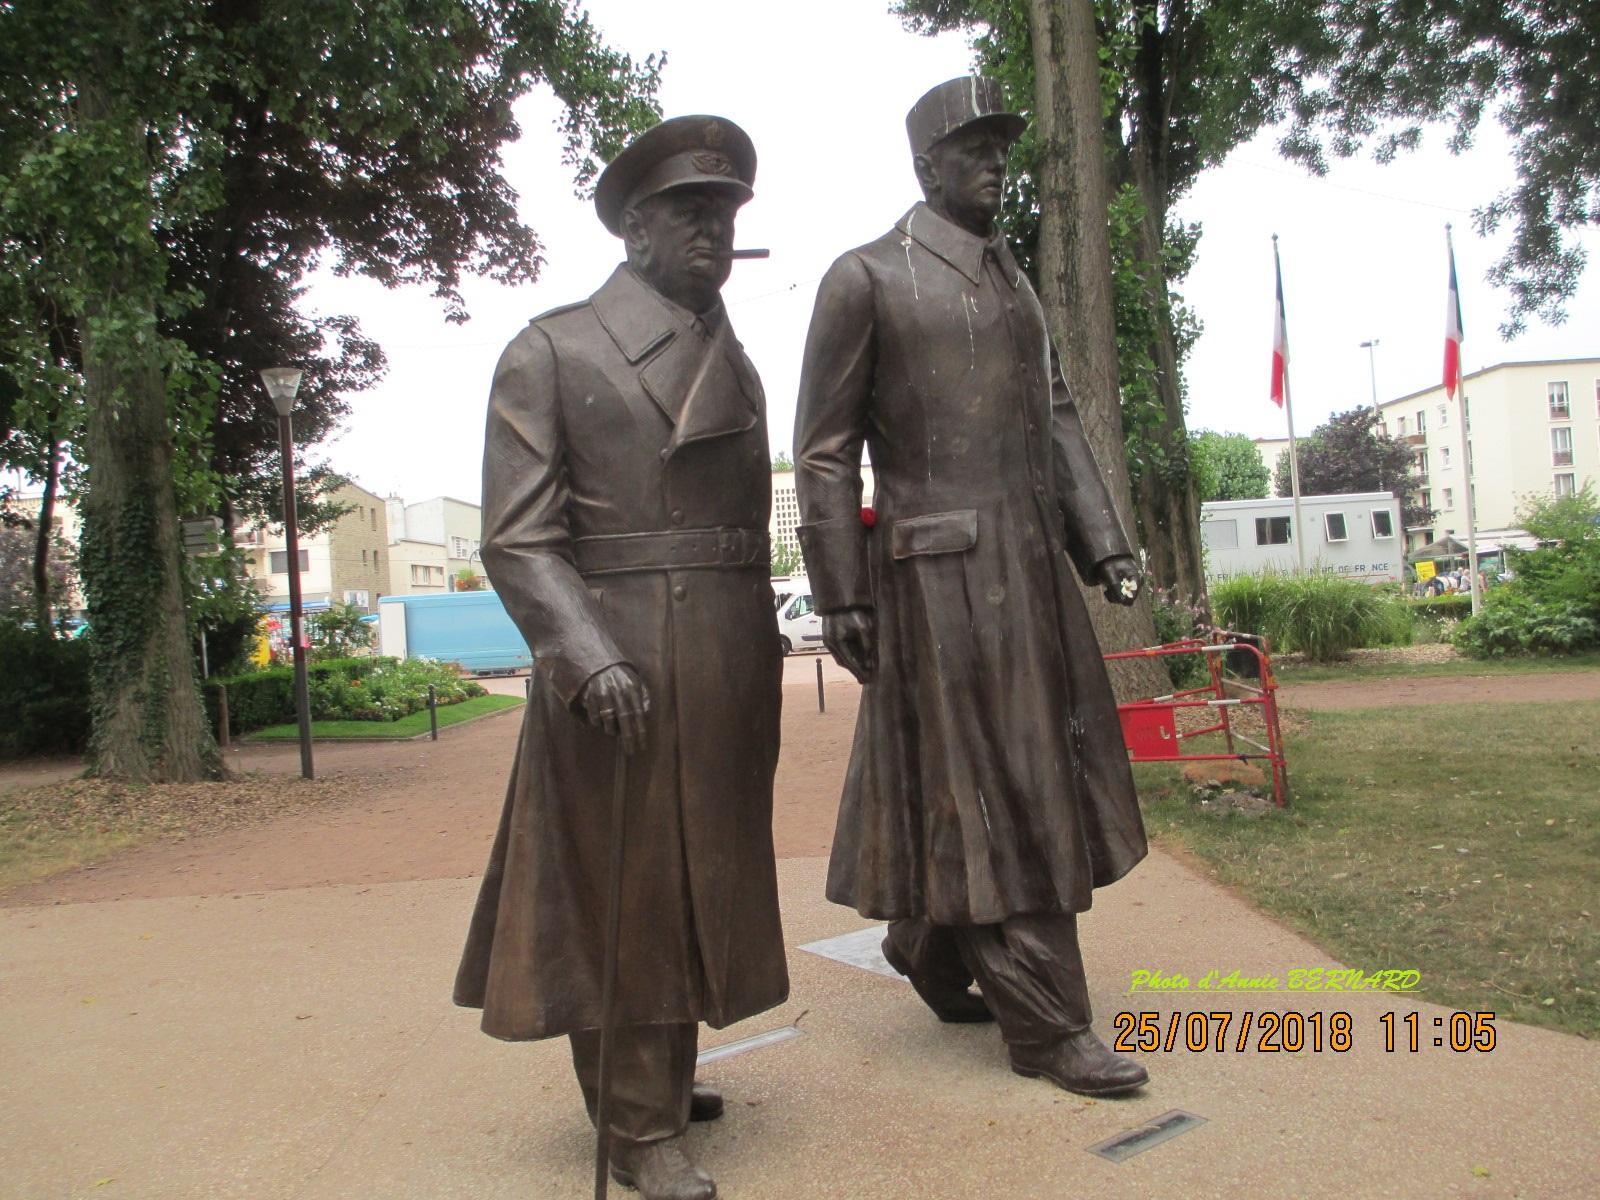 Messieurs De Gaulle et Churchill dans le parc